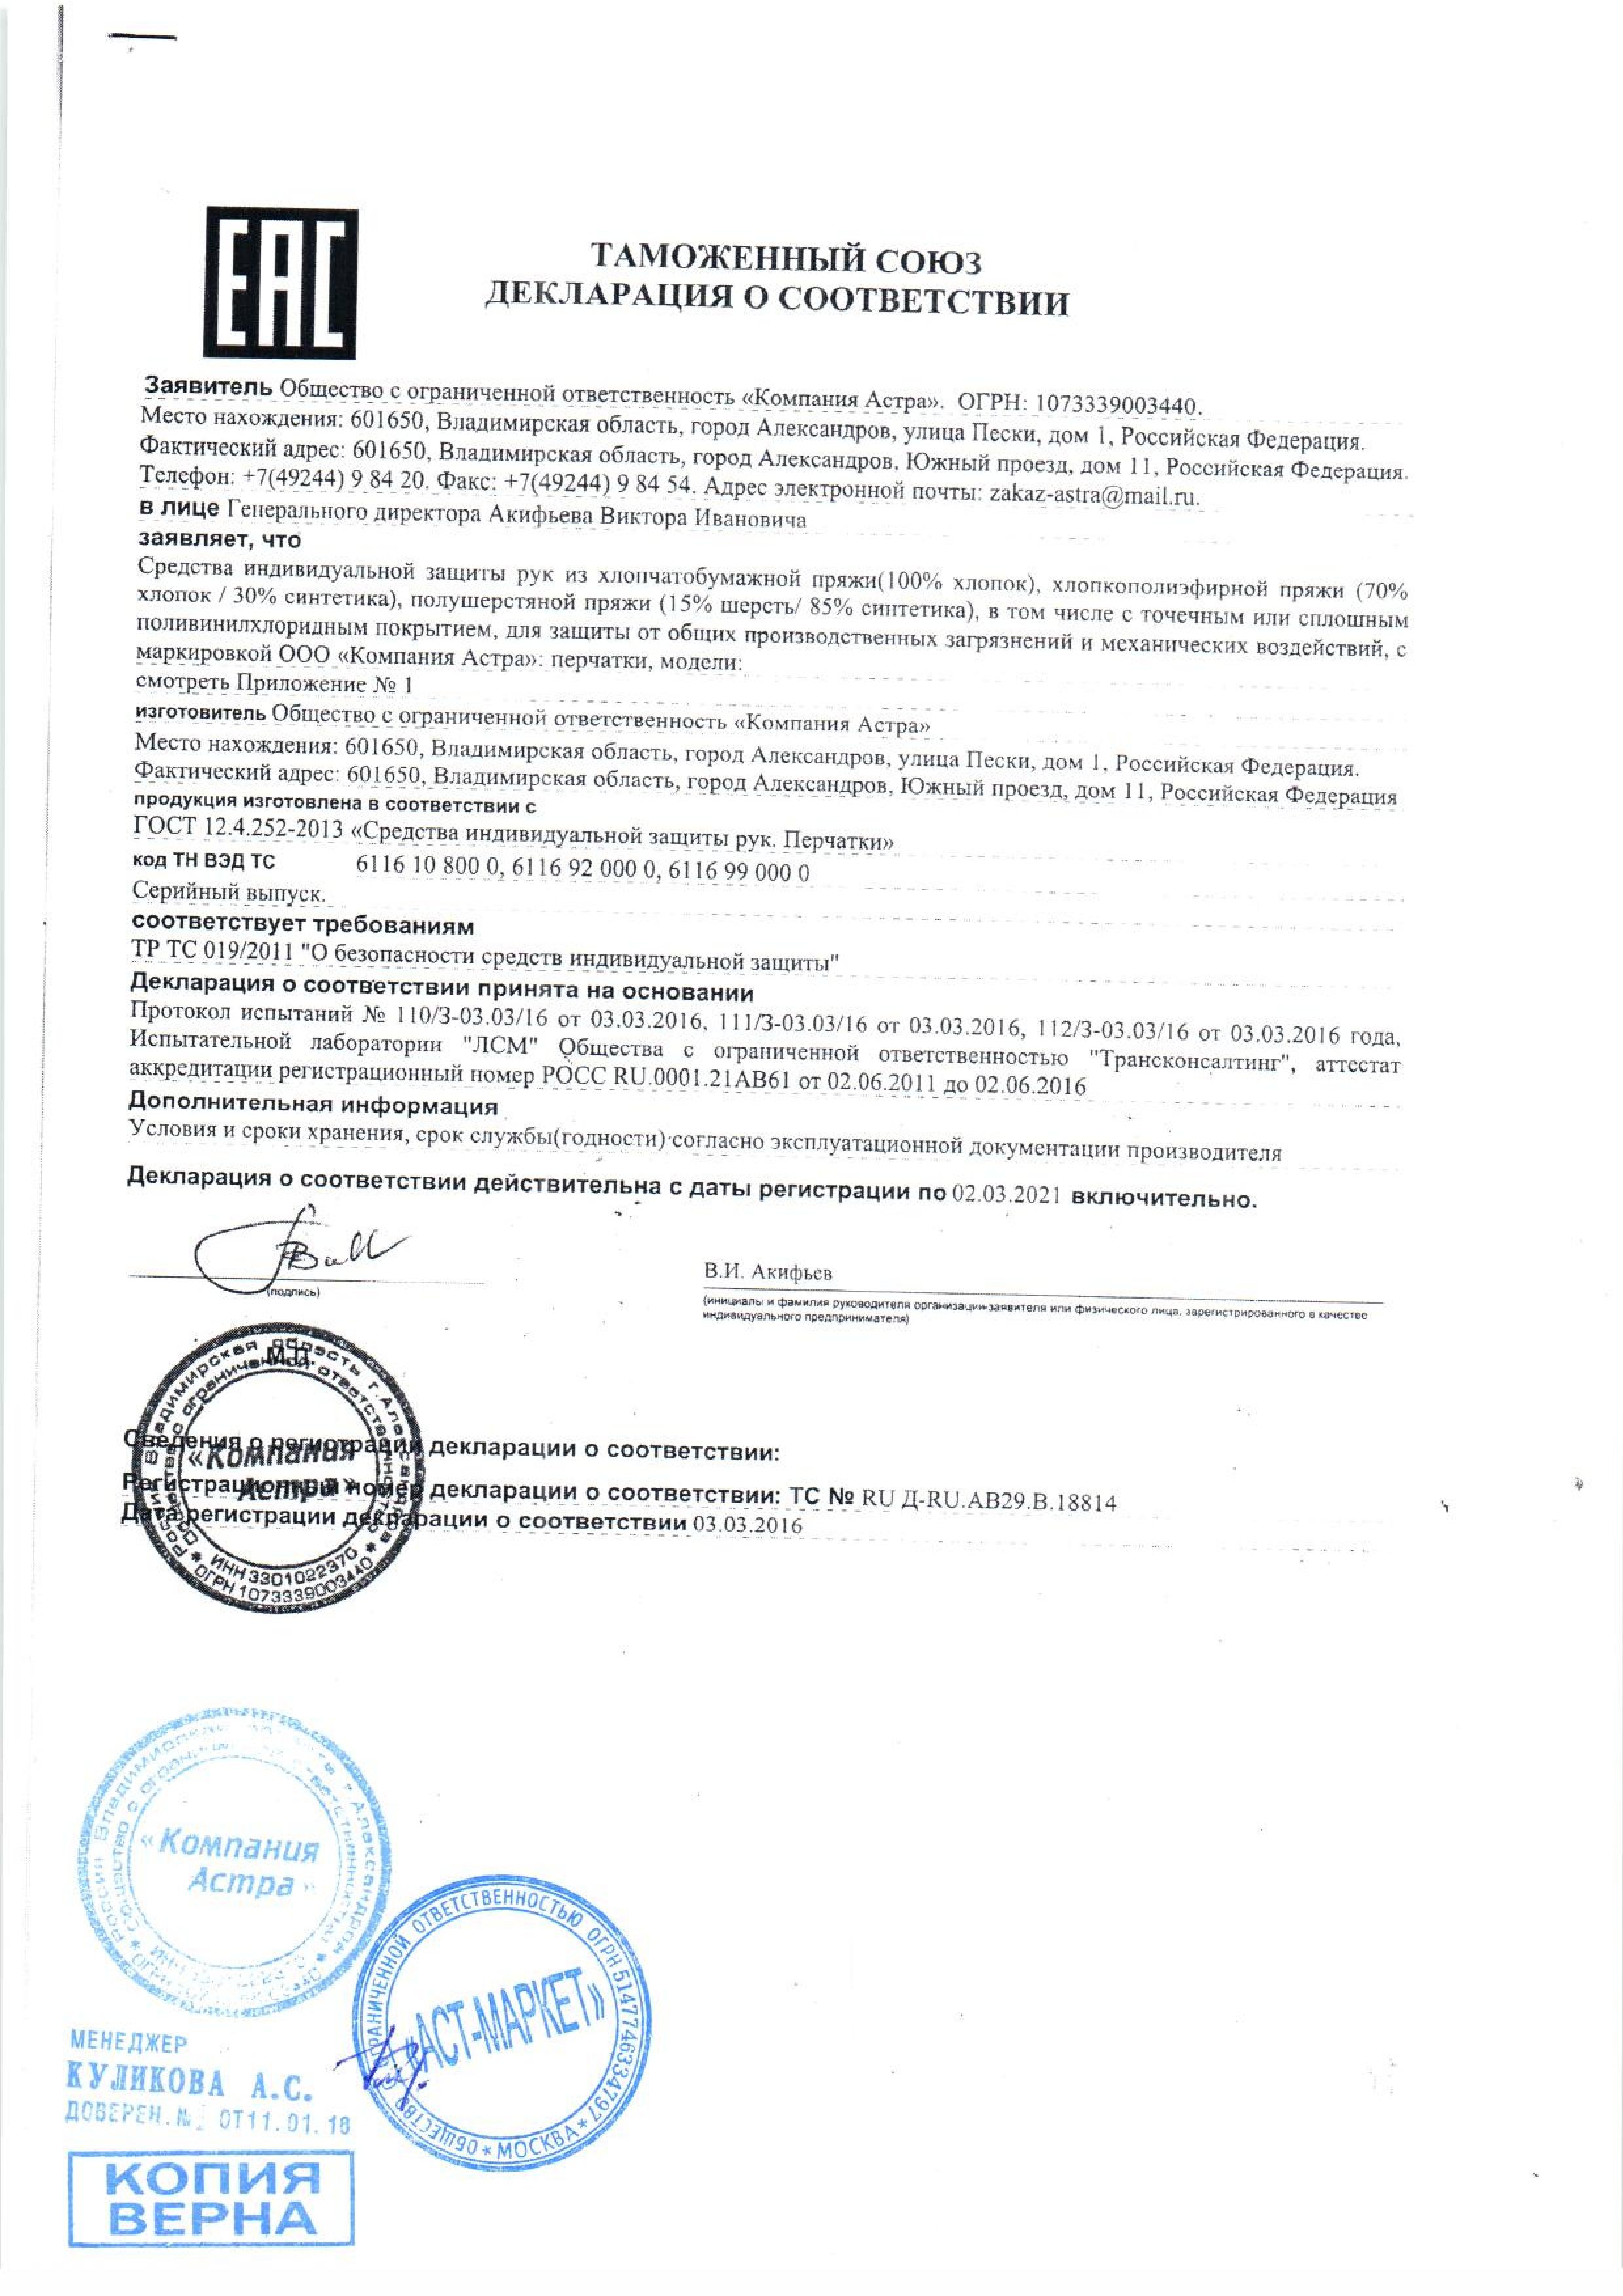 Скачать сертификат или гост рукавицы сертификация аэропортов, аэродромов